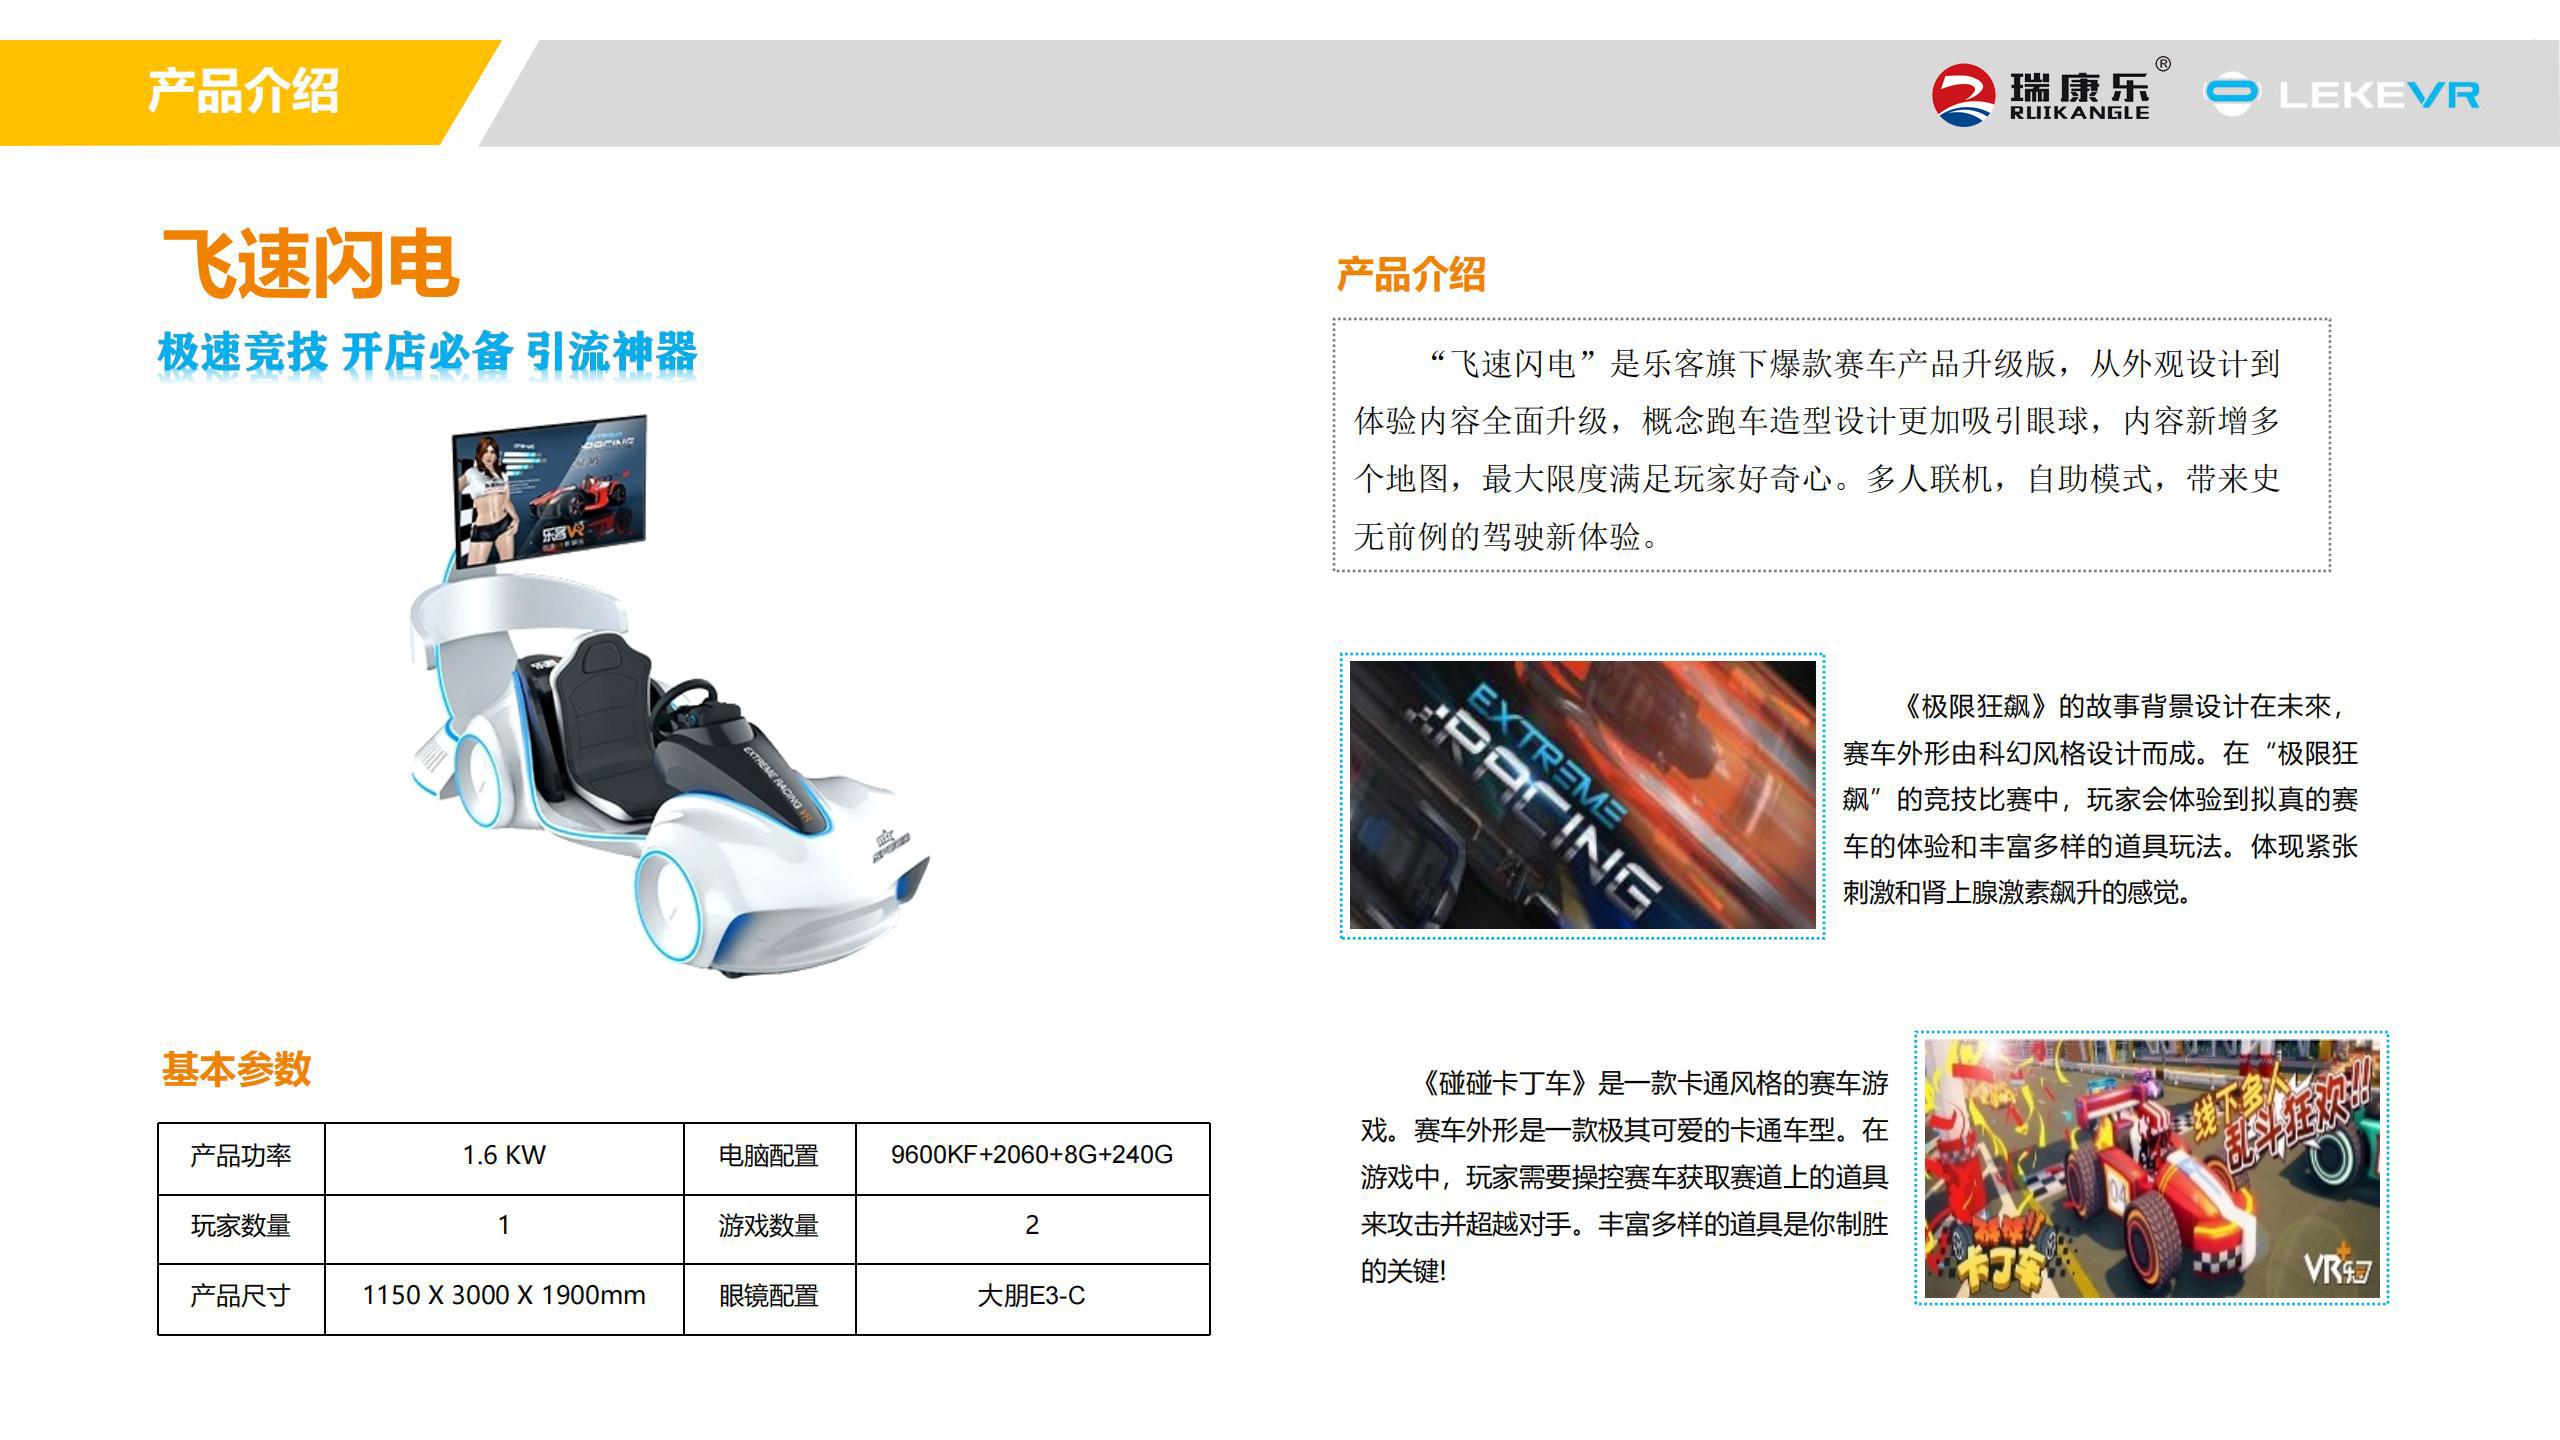 乐客VR联营项目介绍_22